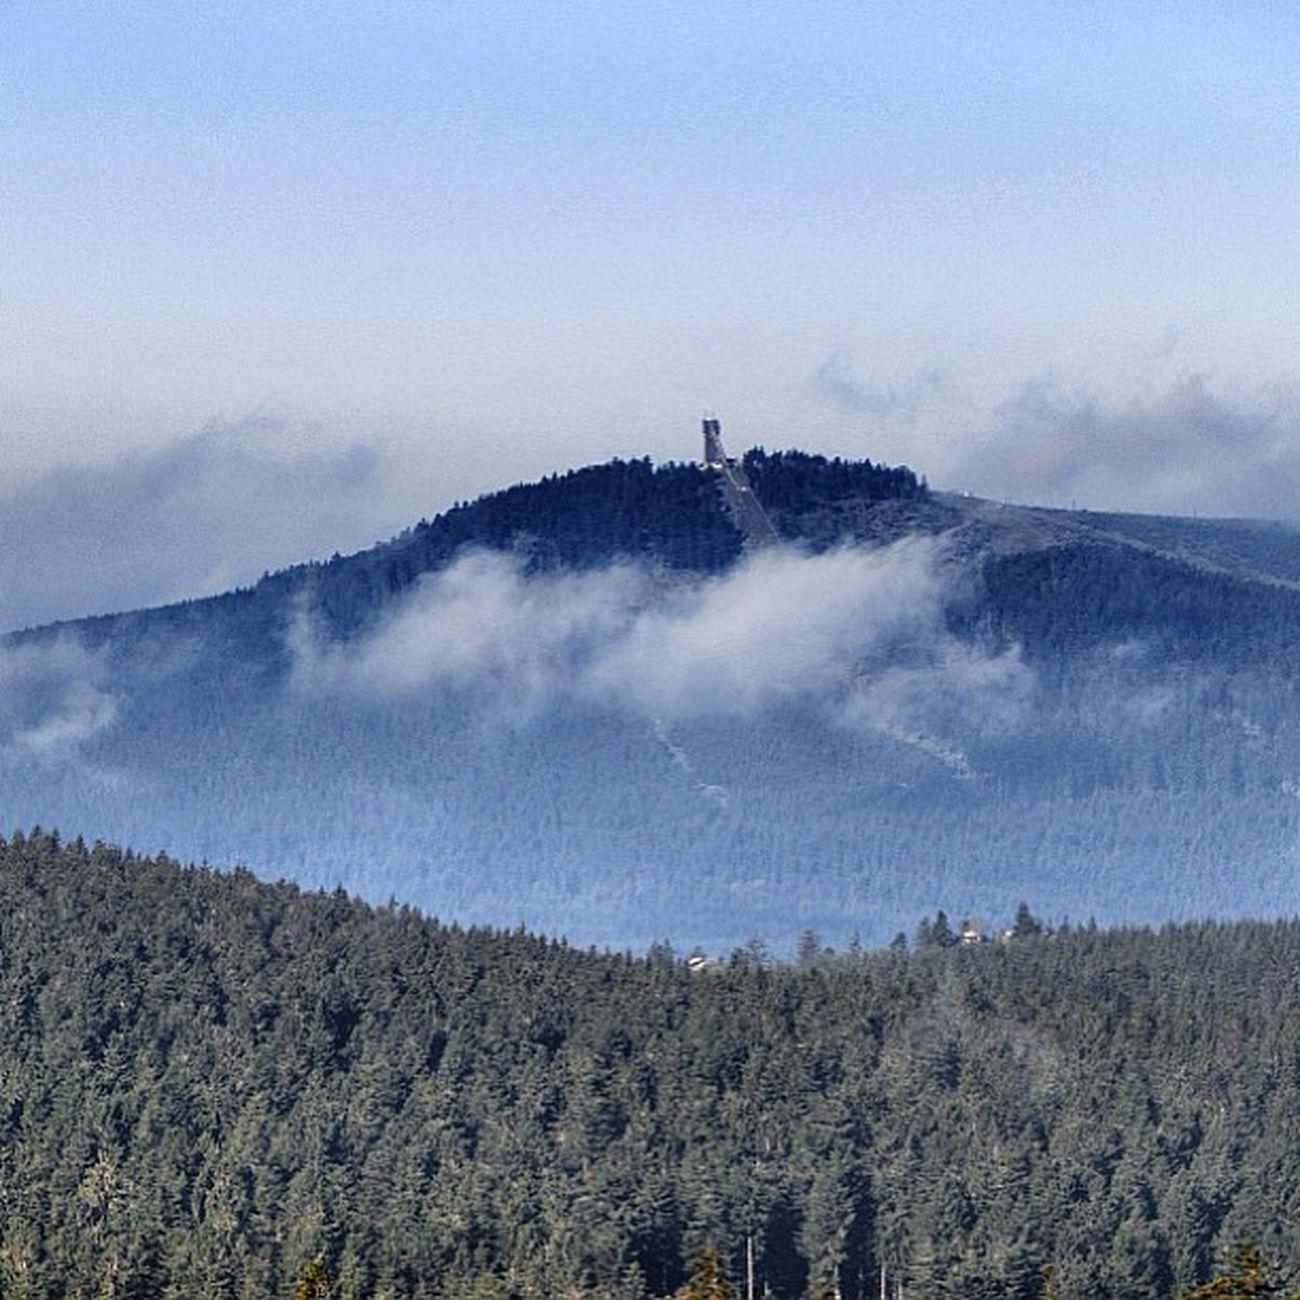 3. PfingstBrockenlauf Sklblog Pfingsten Brocken Trail Trailrunning Ilsenburg Wurmberg